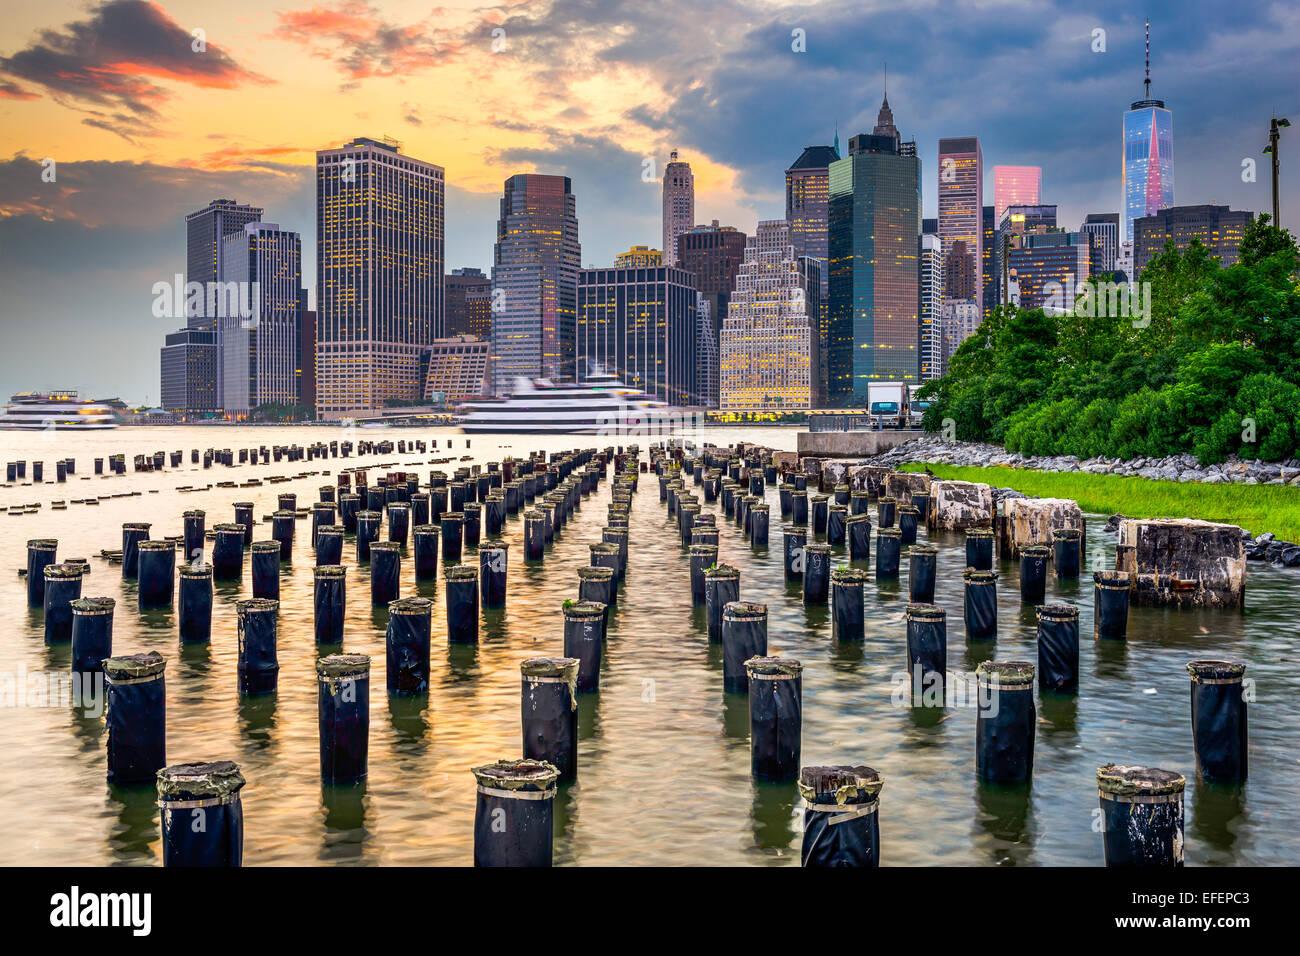 La città di New York, Stati Uniti d'America lo skyline della citta' sull'East River. Immagini Stock